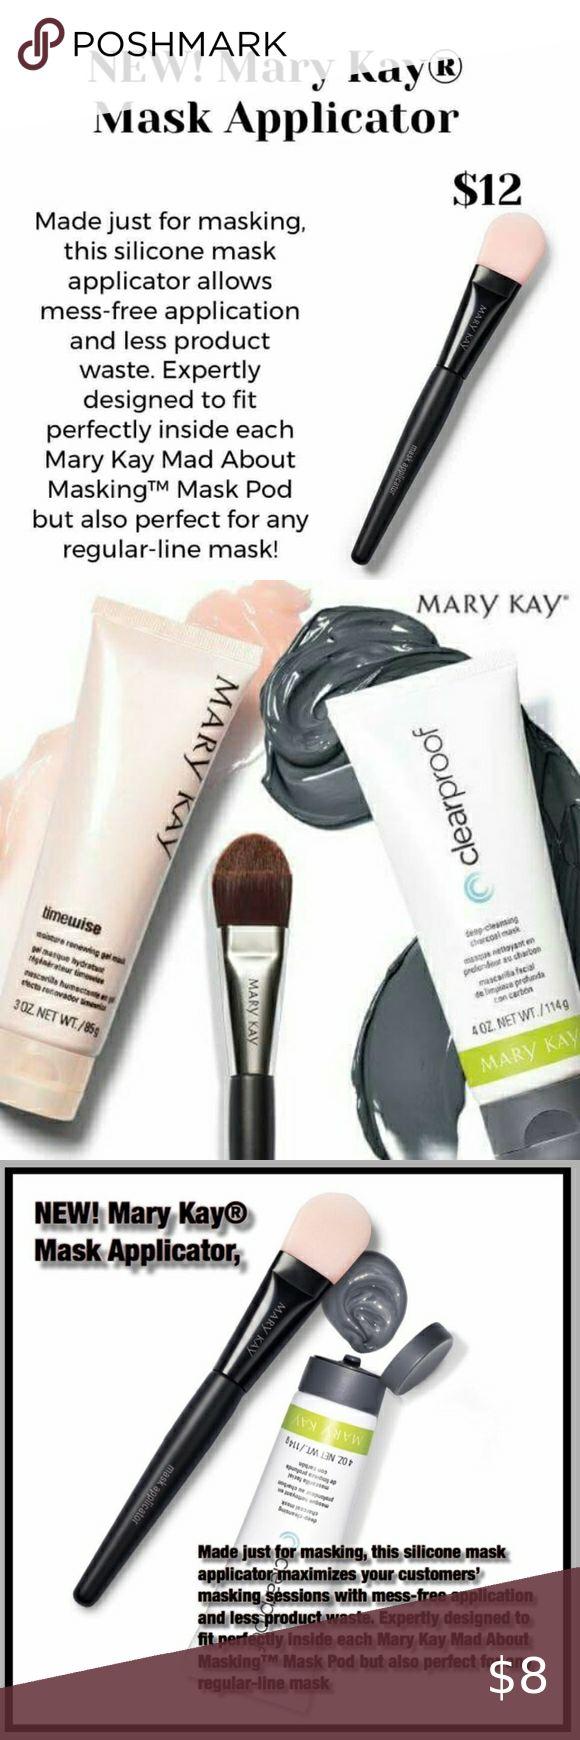 Mary Kay® Mask Applicator in 2020 Mary kay, Mary kay